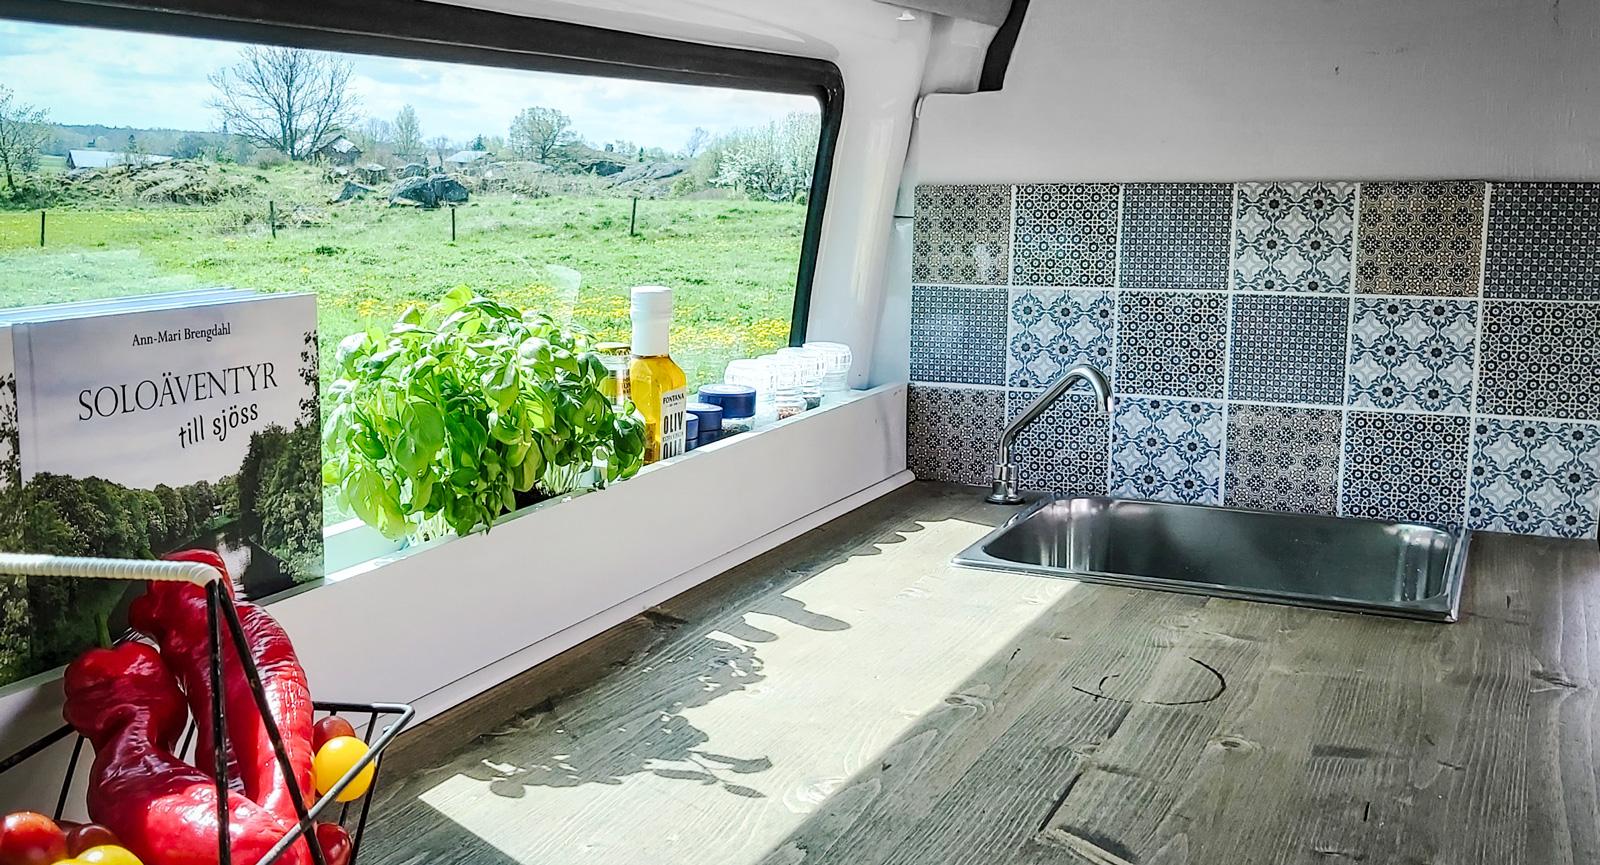 Mysigt köksfönster med plats för färska kryddor framför. Kakel som stänkskydd vid diskhon.